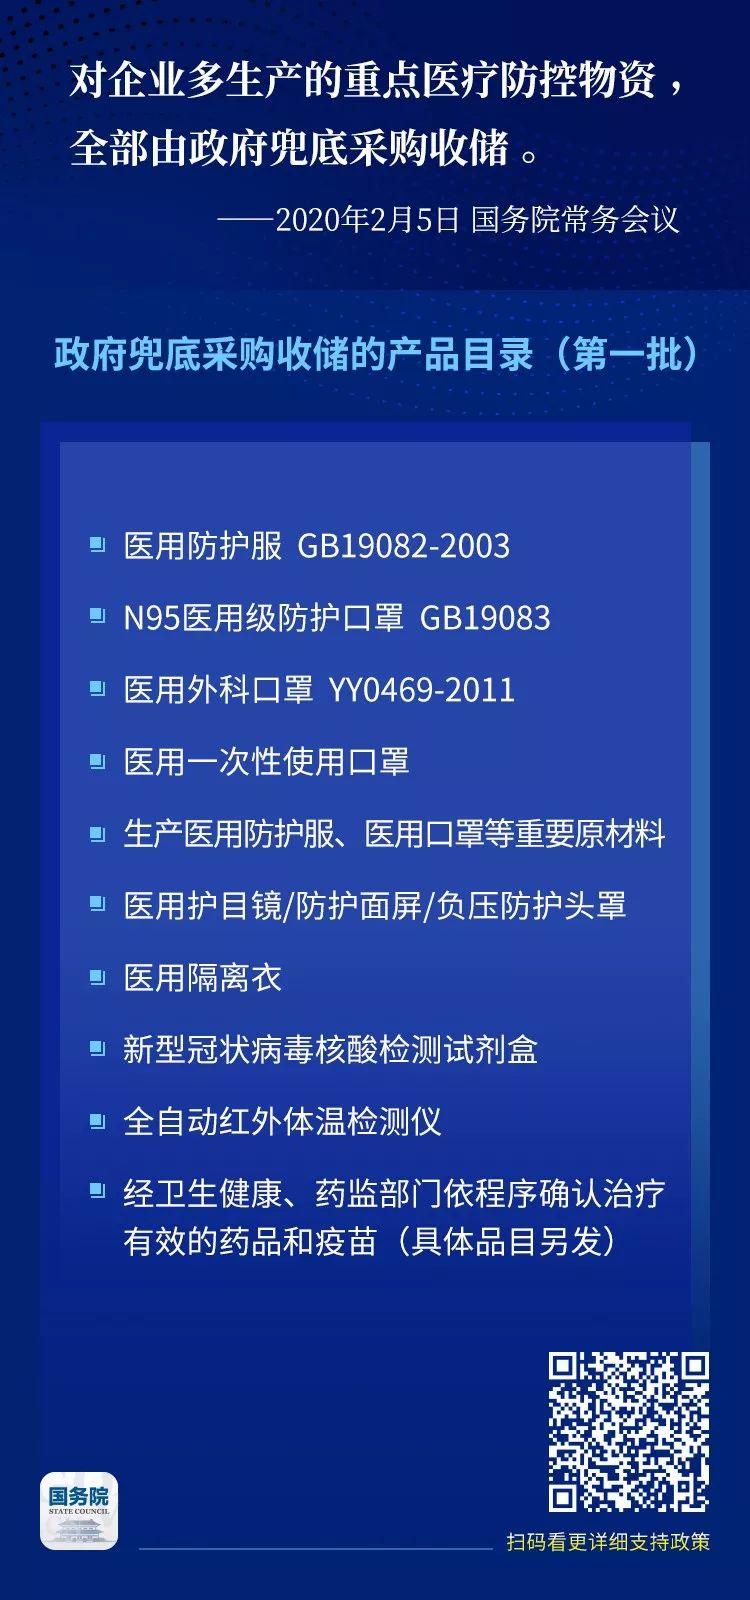 微信图片_20200211140416.jpg